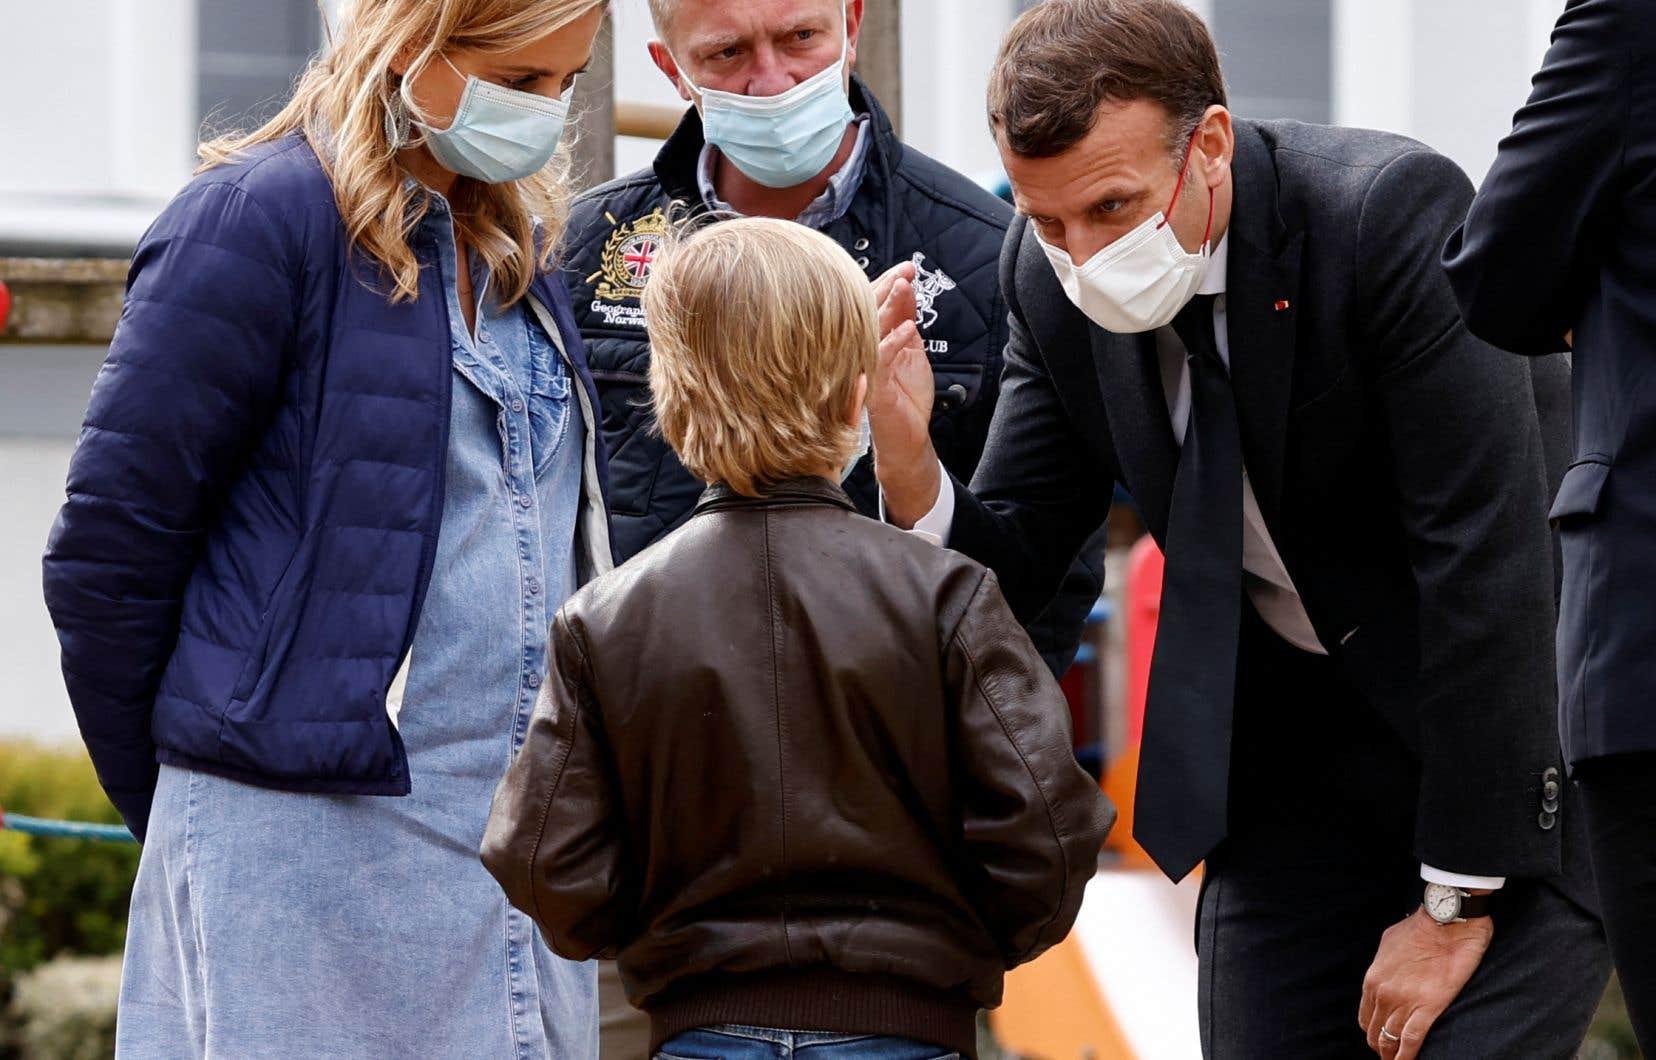 Quatre parents sur dix ont déclaré avoir observé des signes de détresse chez leur enfant lors du premier confinement au printemps 2020. Sur la photo, le président français Emmanuel Macron a rencontré, mercredi, des soignants et des patients dans le service de pédopsychiatrie d'un hôpital de Reims.